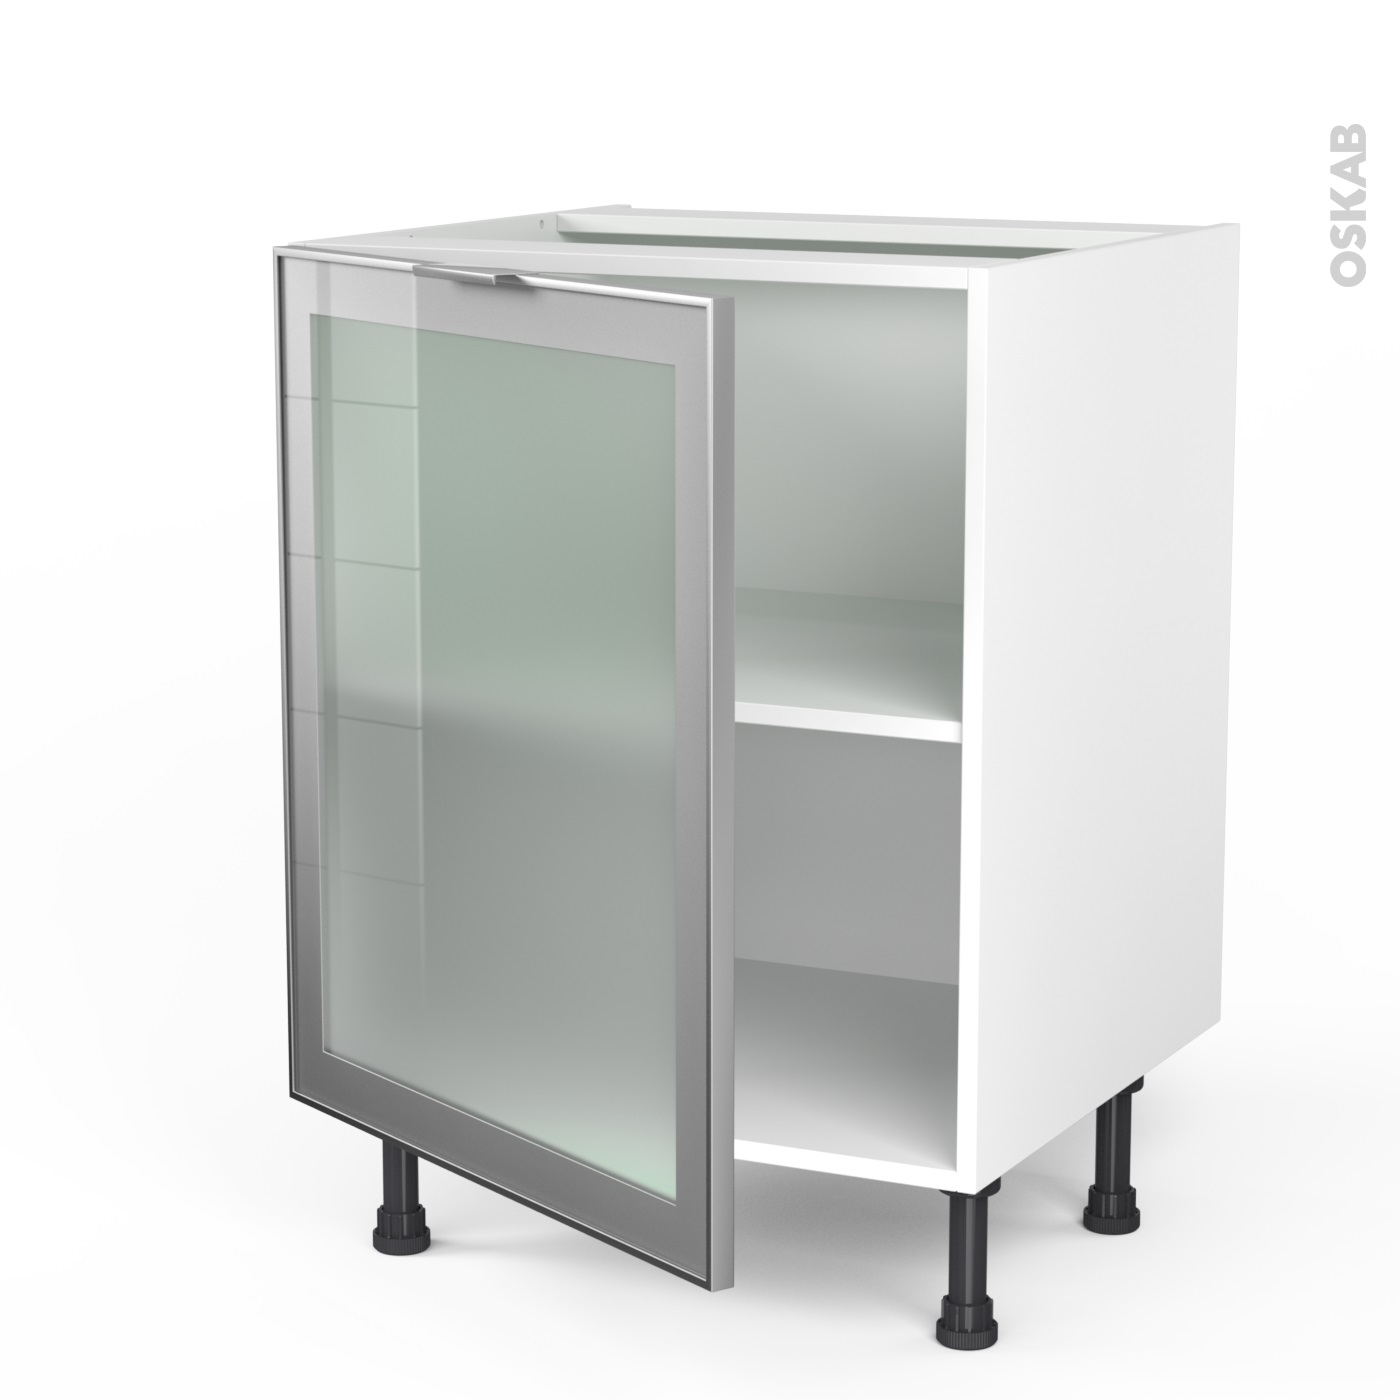 meuble de cuisine bas vitr faade alu 1 porte l60 x h70 x p58 cm sokleo oskab